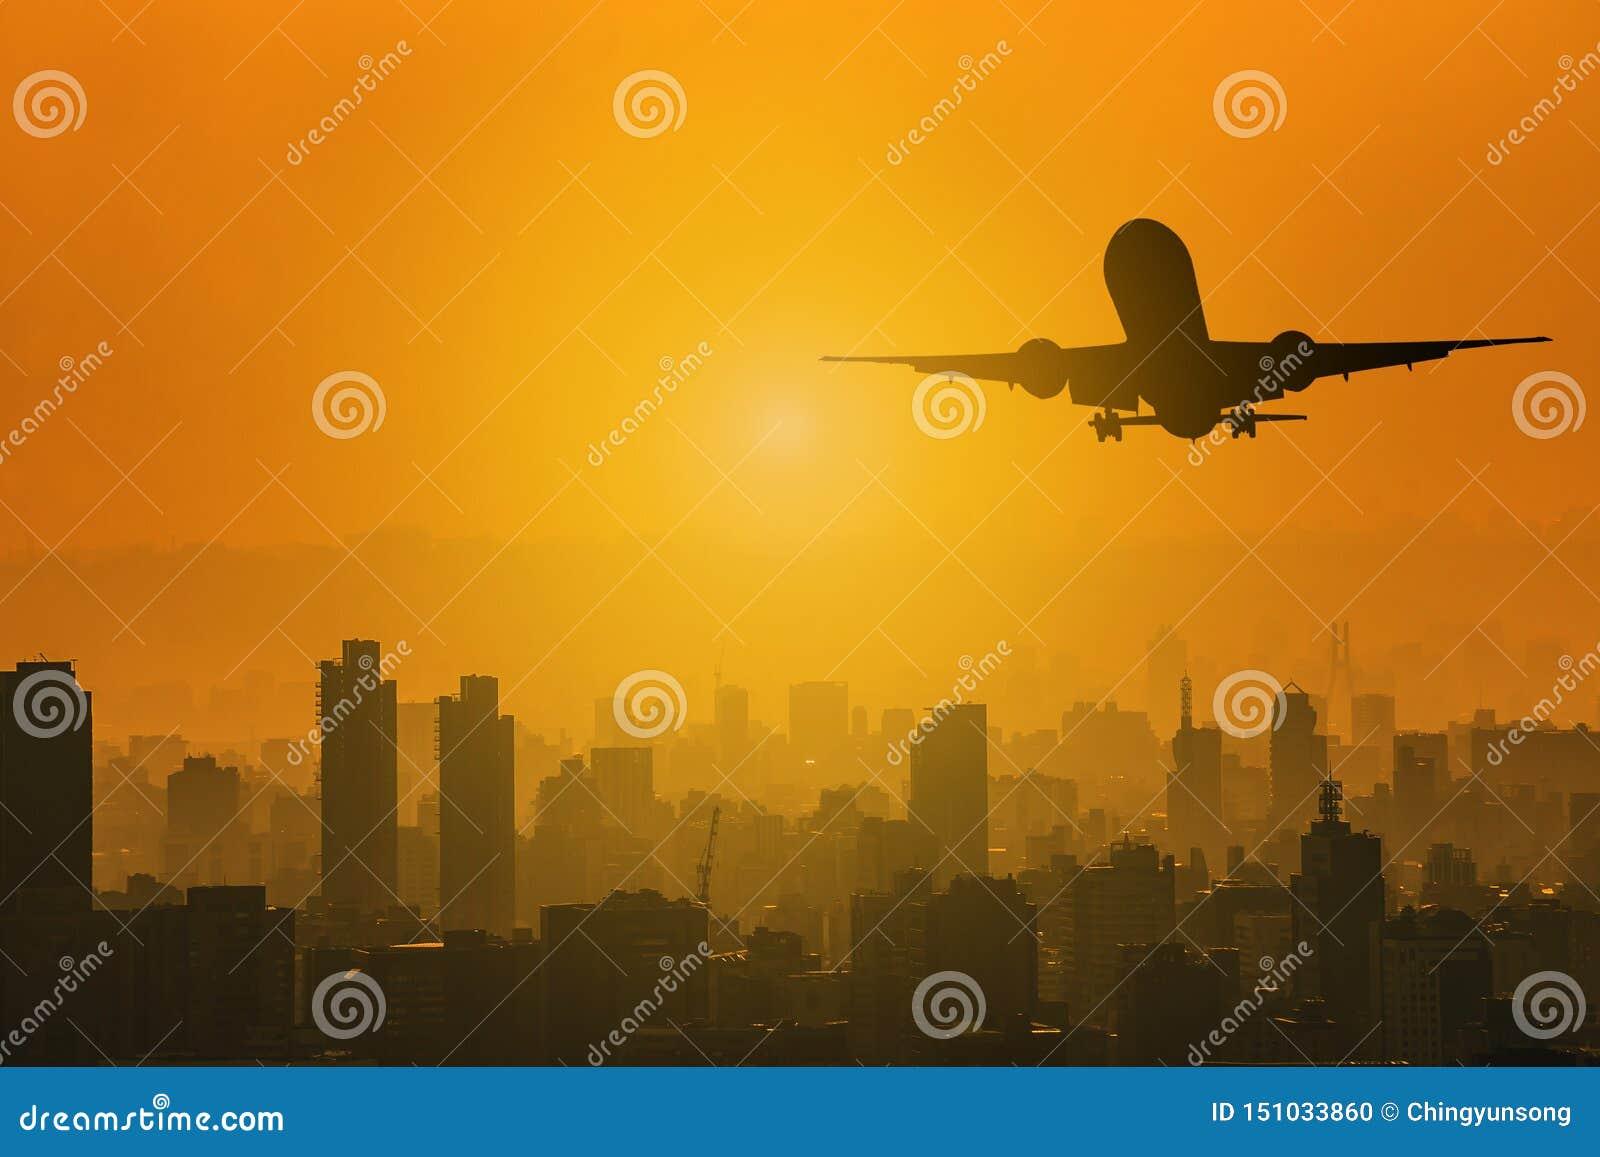 Sylwetka lata nad miastem z podczas skylight zmierzchu z kopii przestrzenią dla teksta handlowy samolot